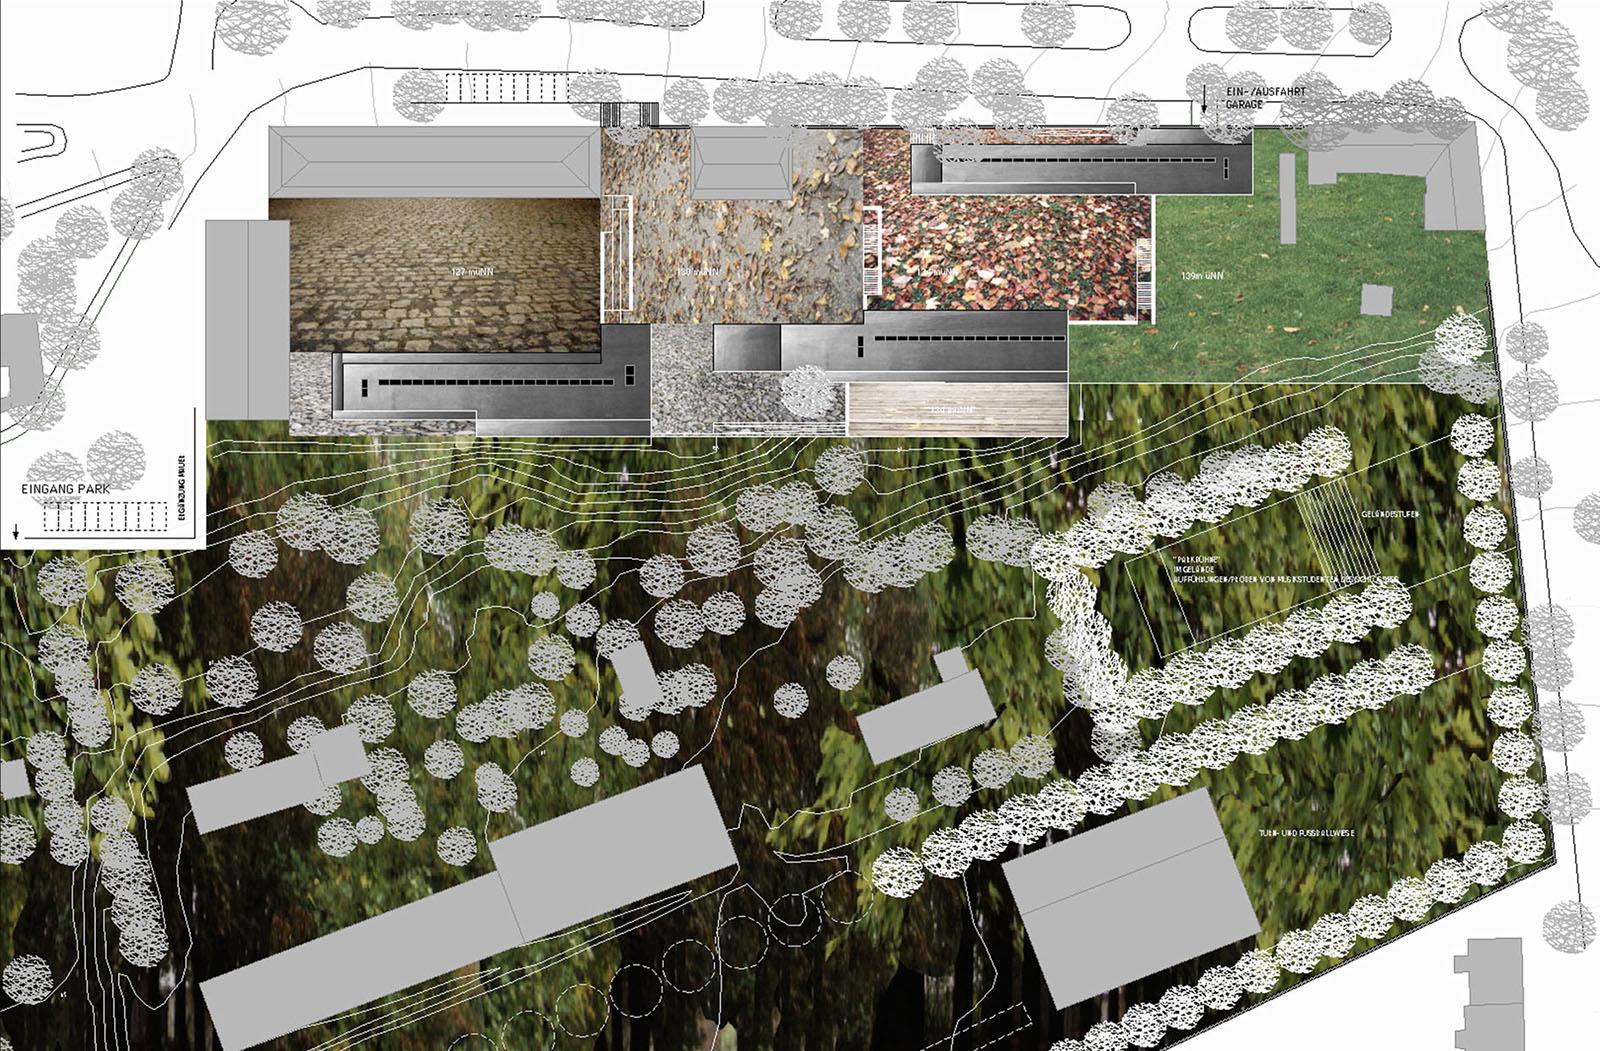 FPZ_Architekten_Europan_Weissenfels_1